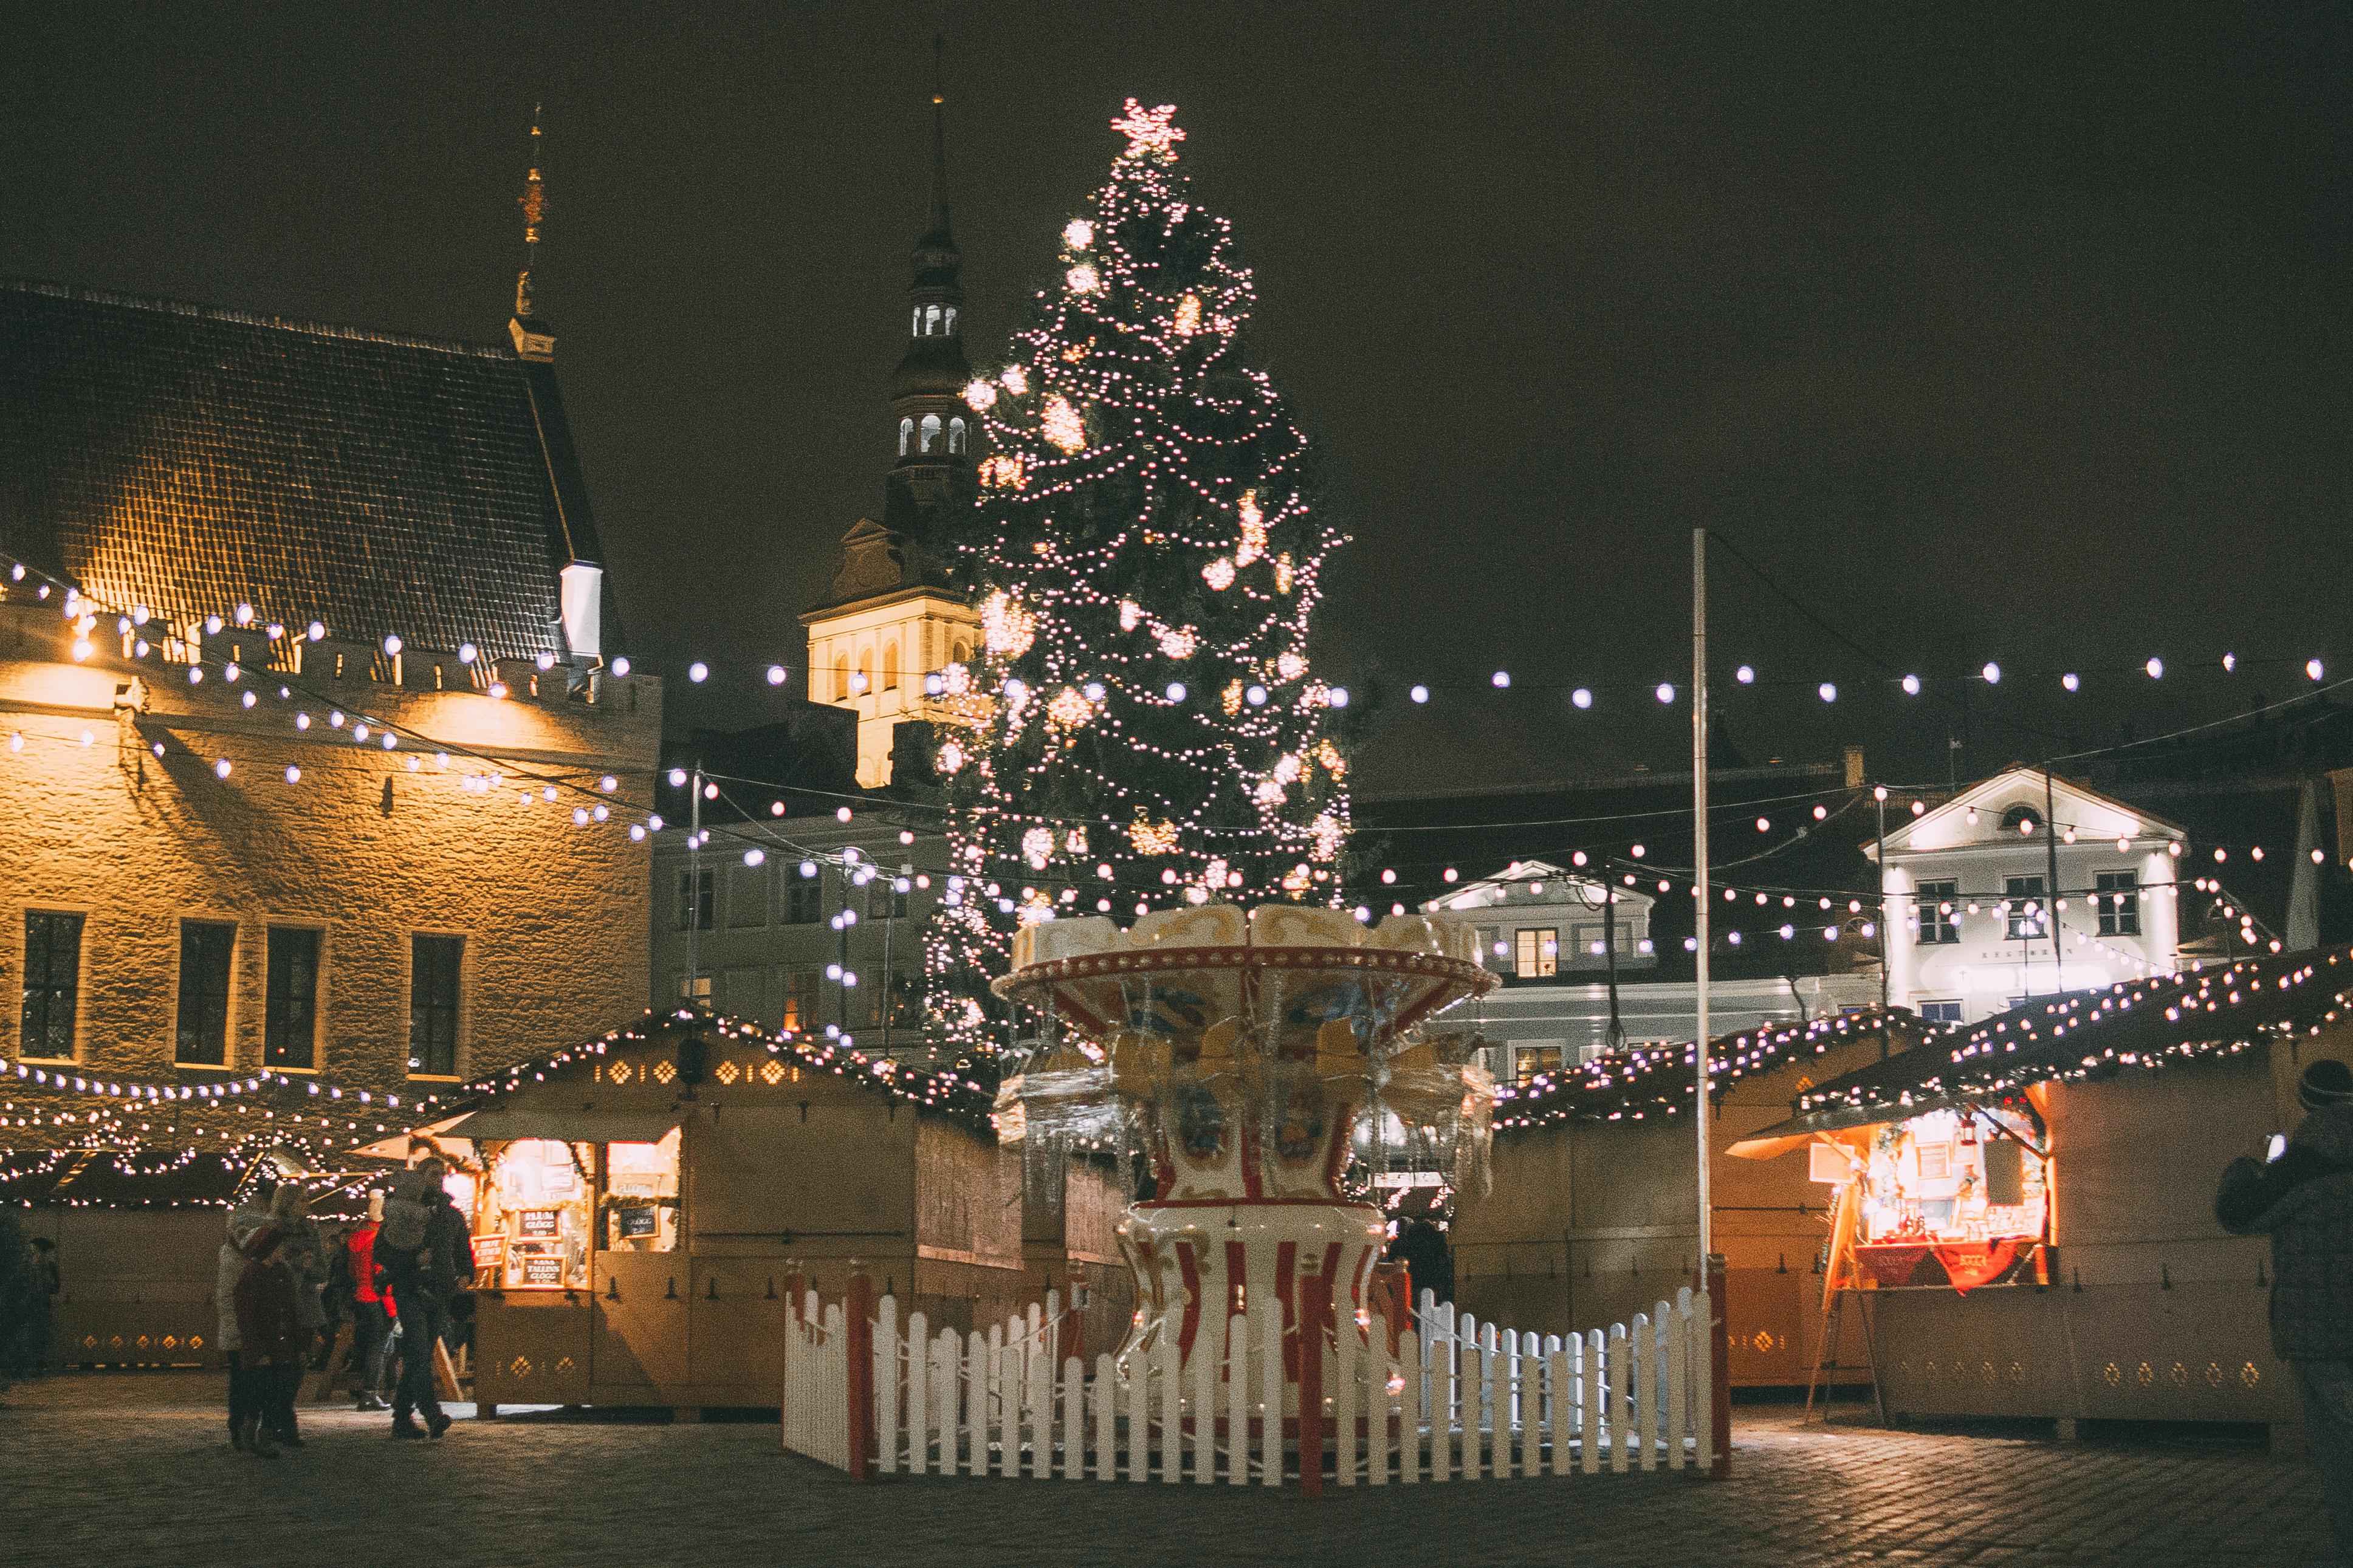 Таллин, Эстония, рождество, евротур, путешествие в европу, старый город